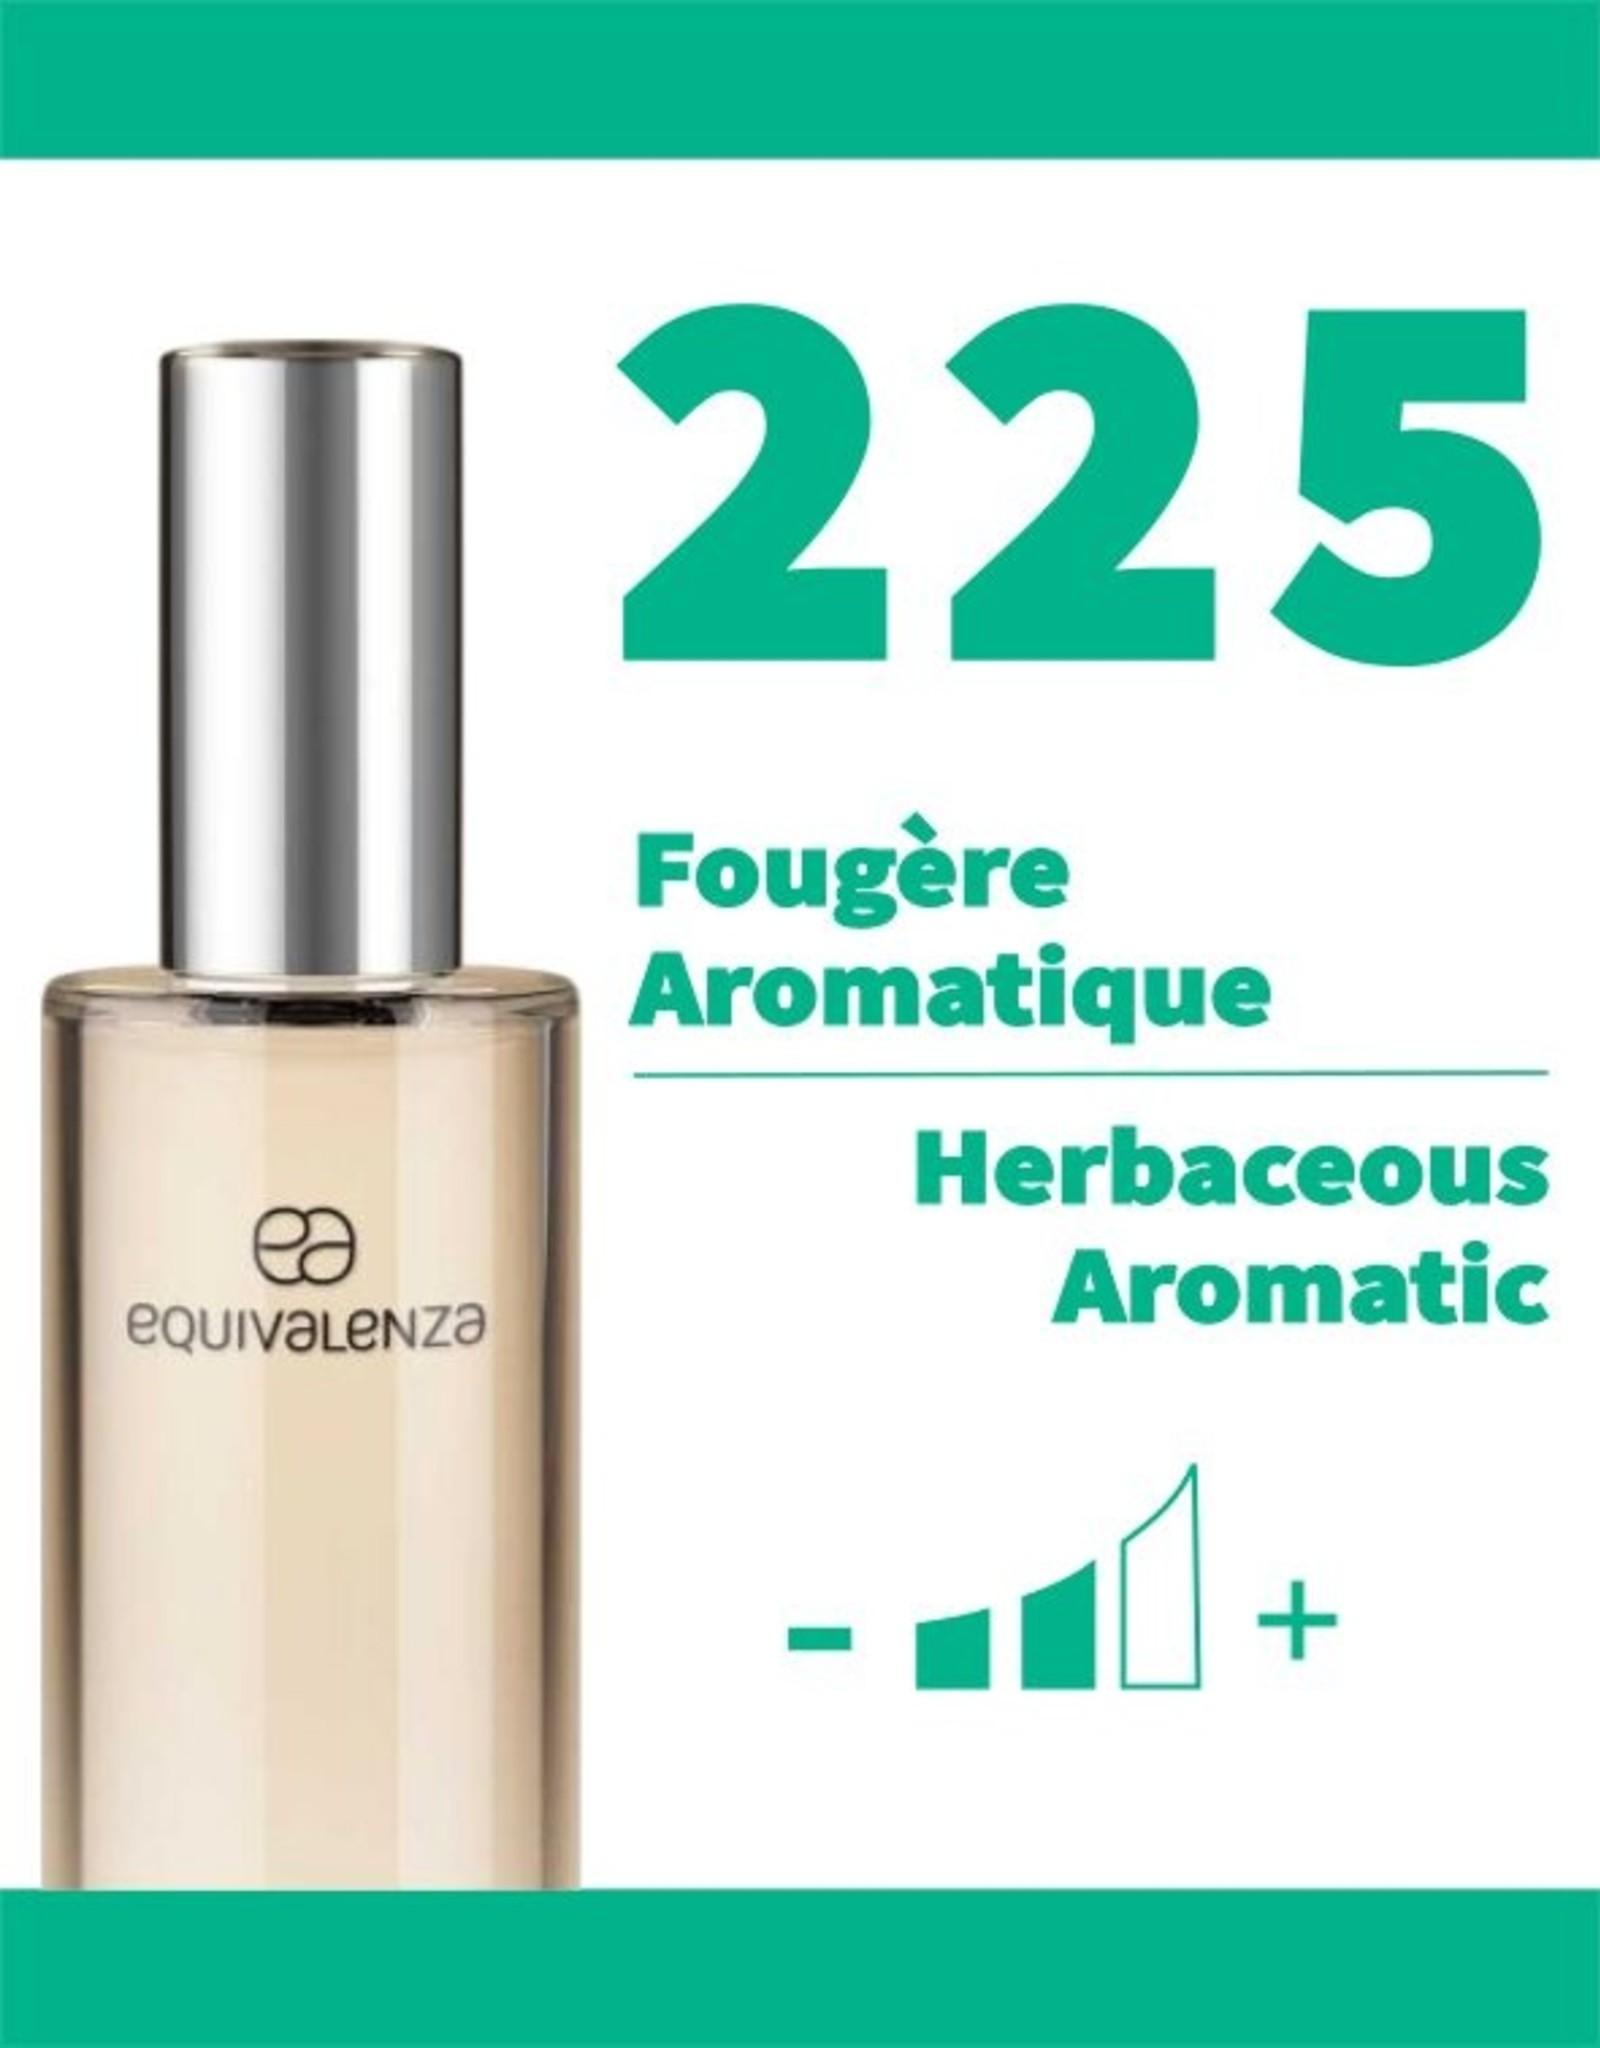 Equivalenza Fougère Aromatique 225